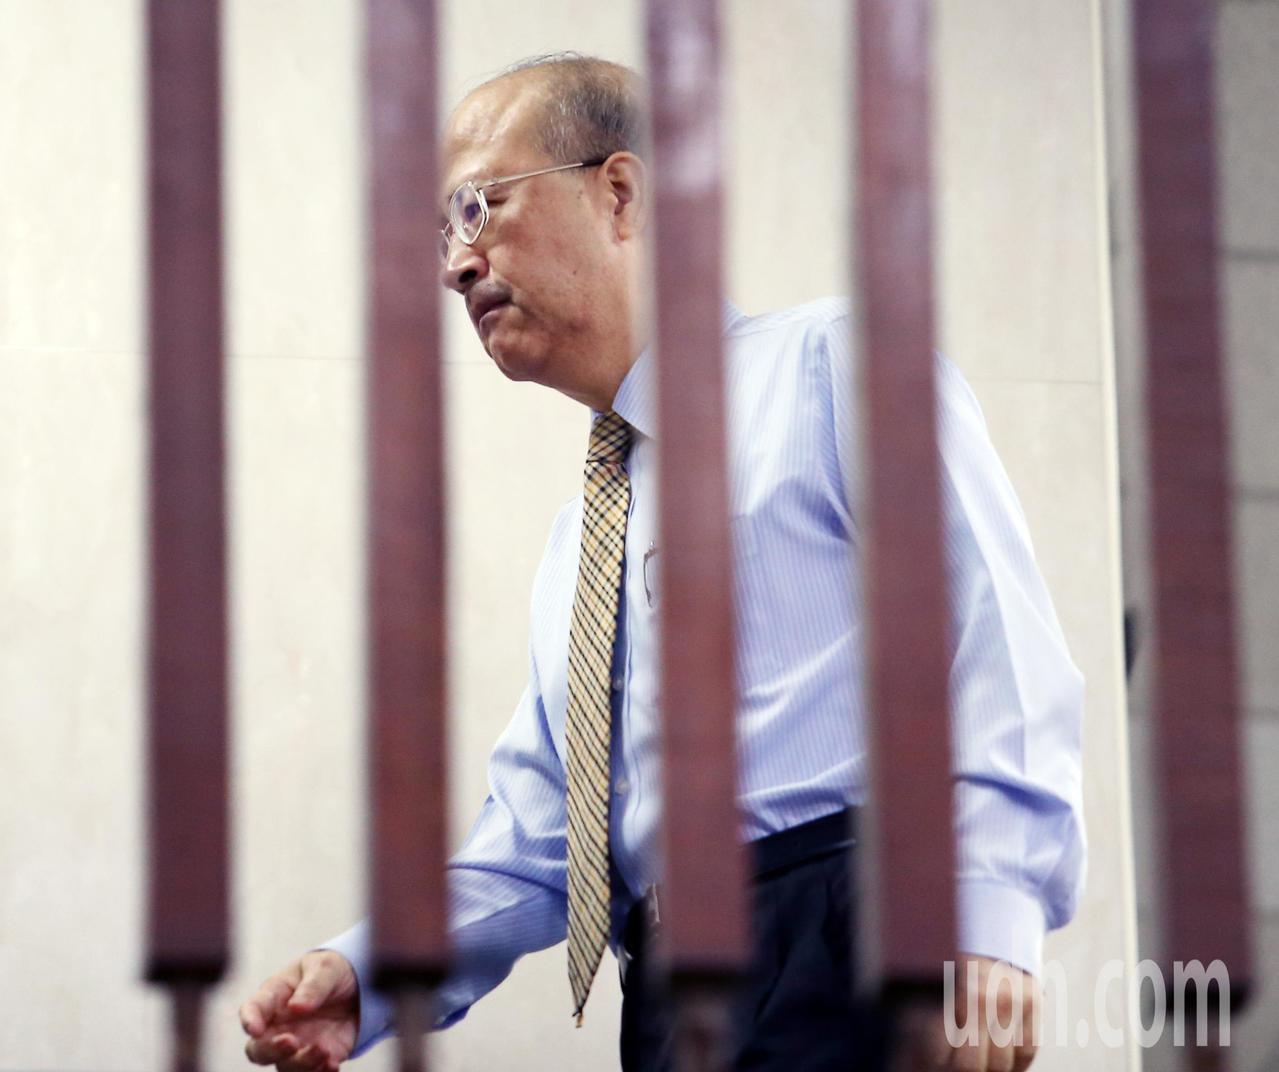 台北地檢署偵辦三中案及賤賣黨產案,傳喚前中投總經理汪海清出庭,直到晚間仍庭訊中。...